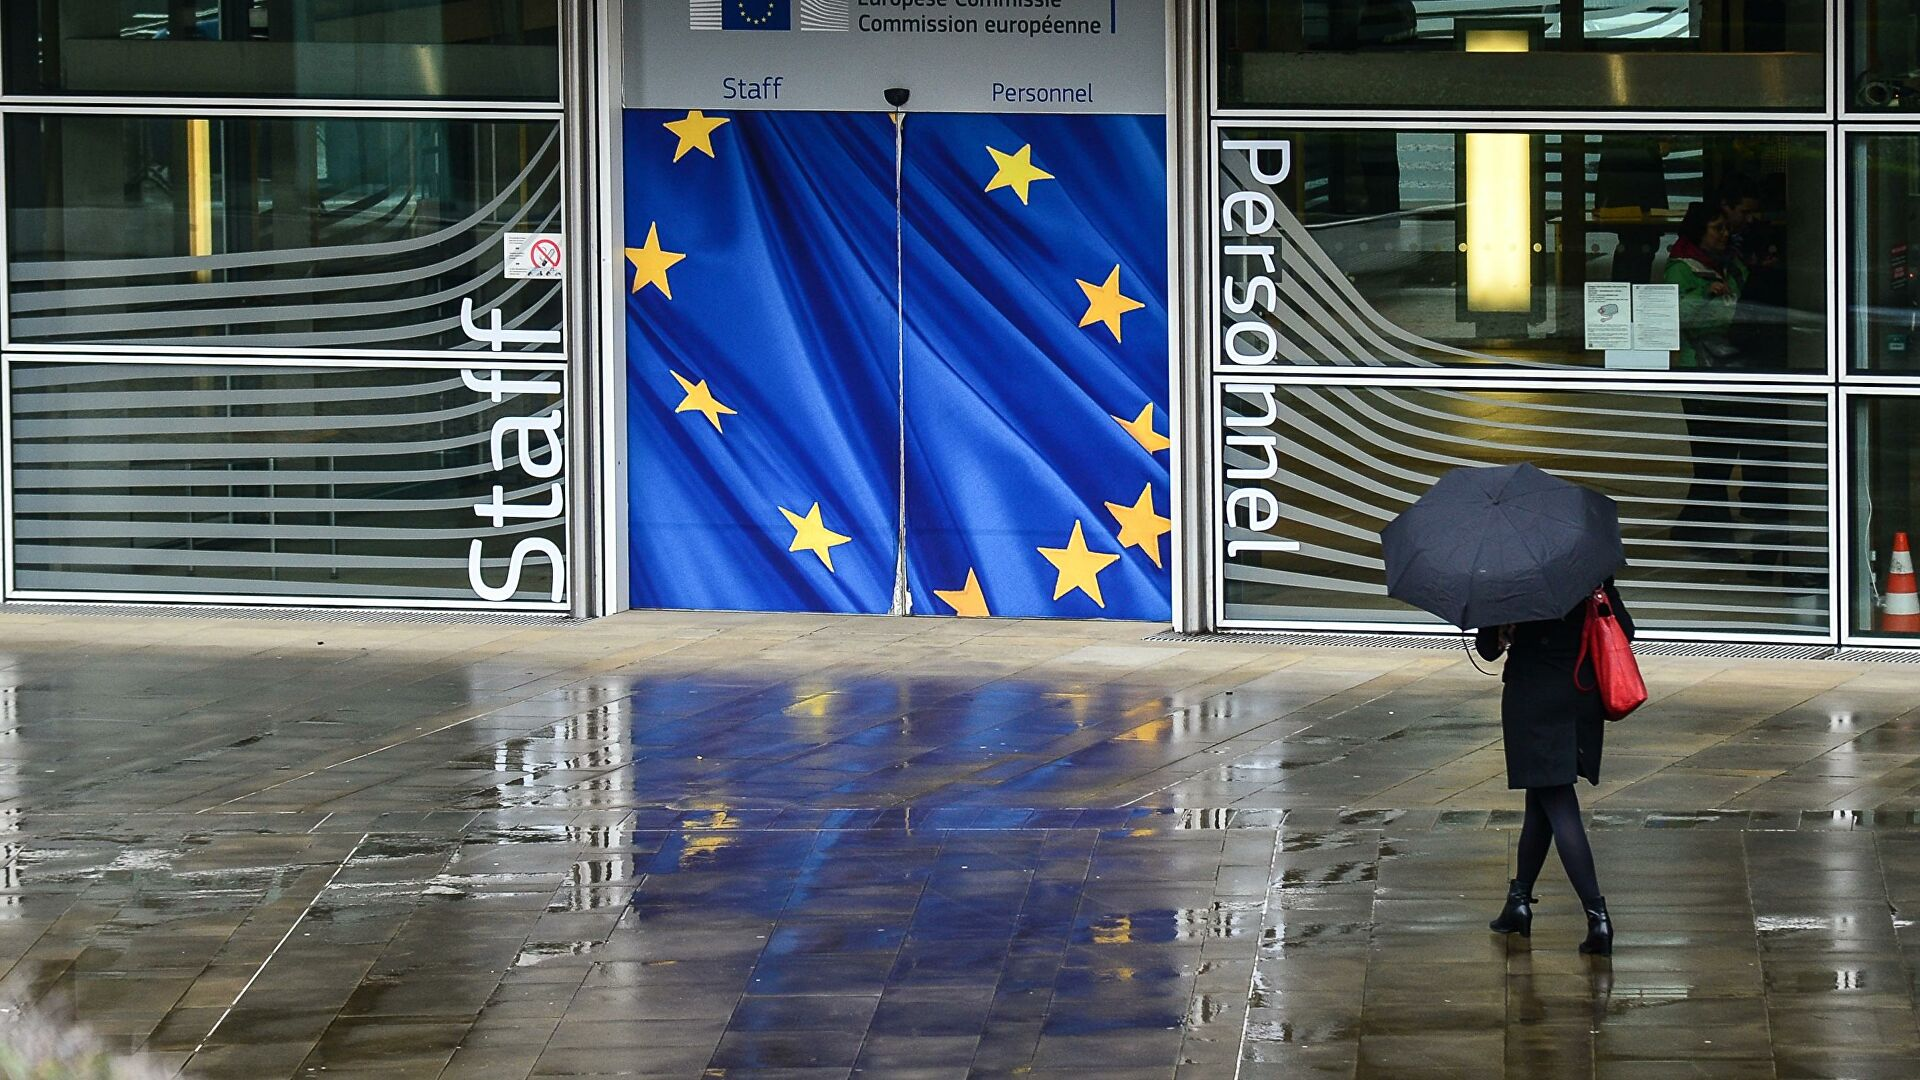 """Аустријa позвалa ЕУ да """"не сече грану на којој седи кује"""" по питању санкција Русији"""